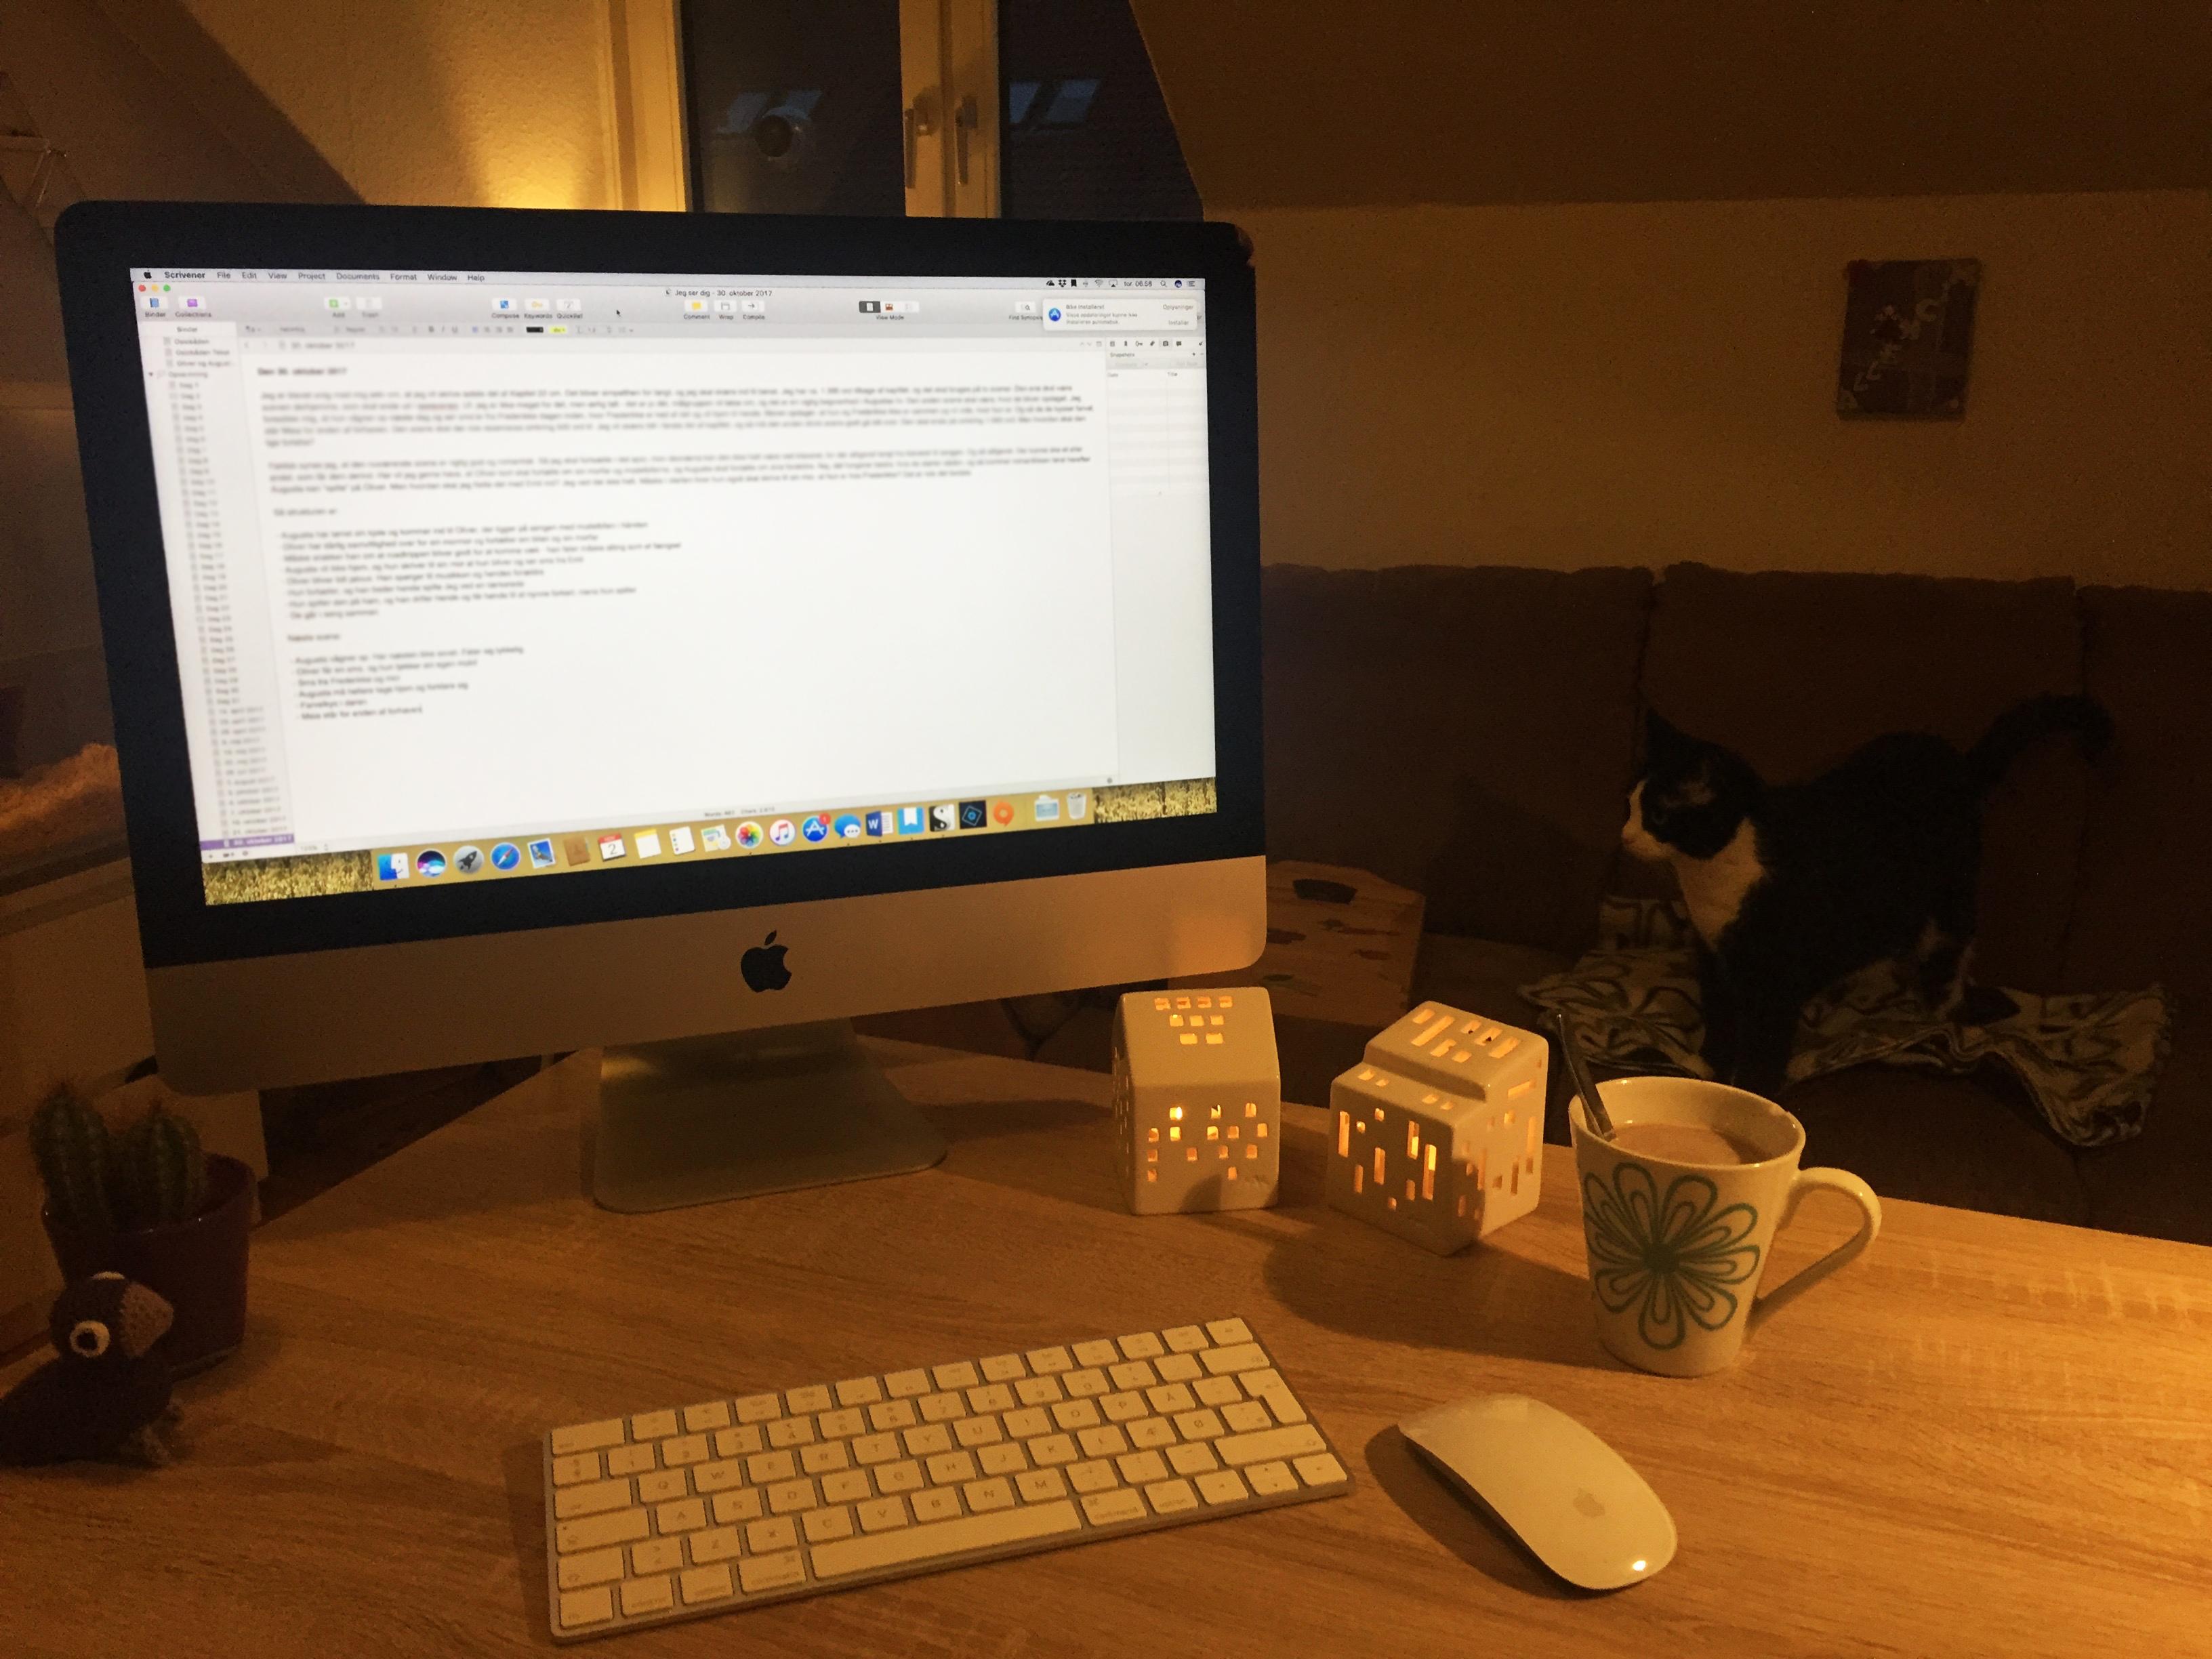 Novemberudfordring - Billede af tændt computer tidligt om morgenen